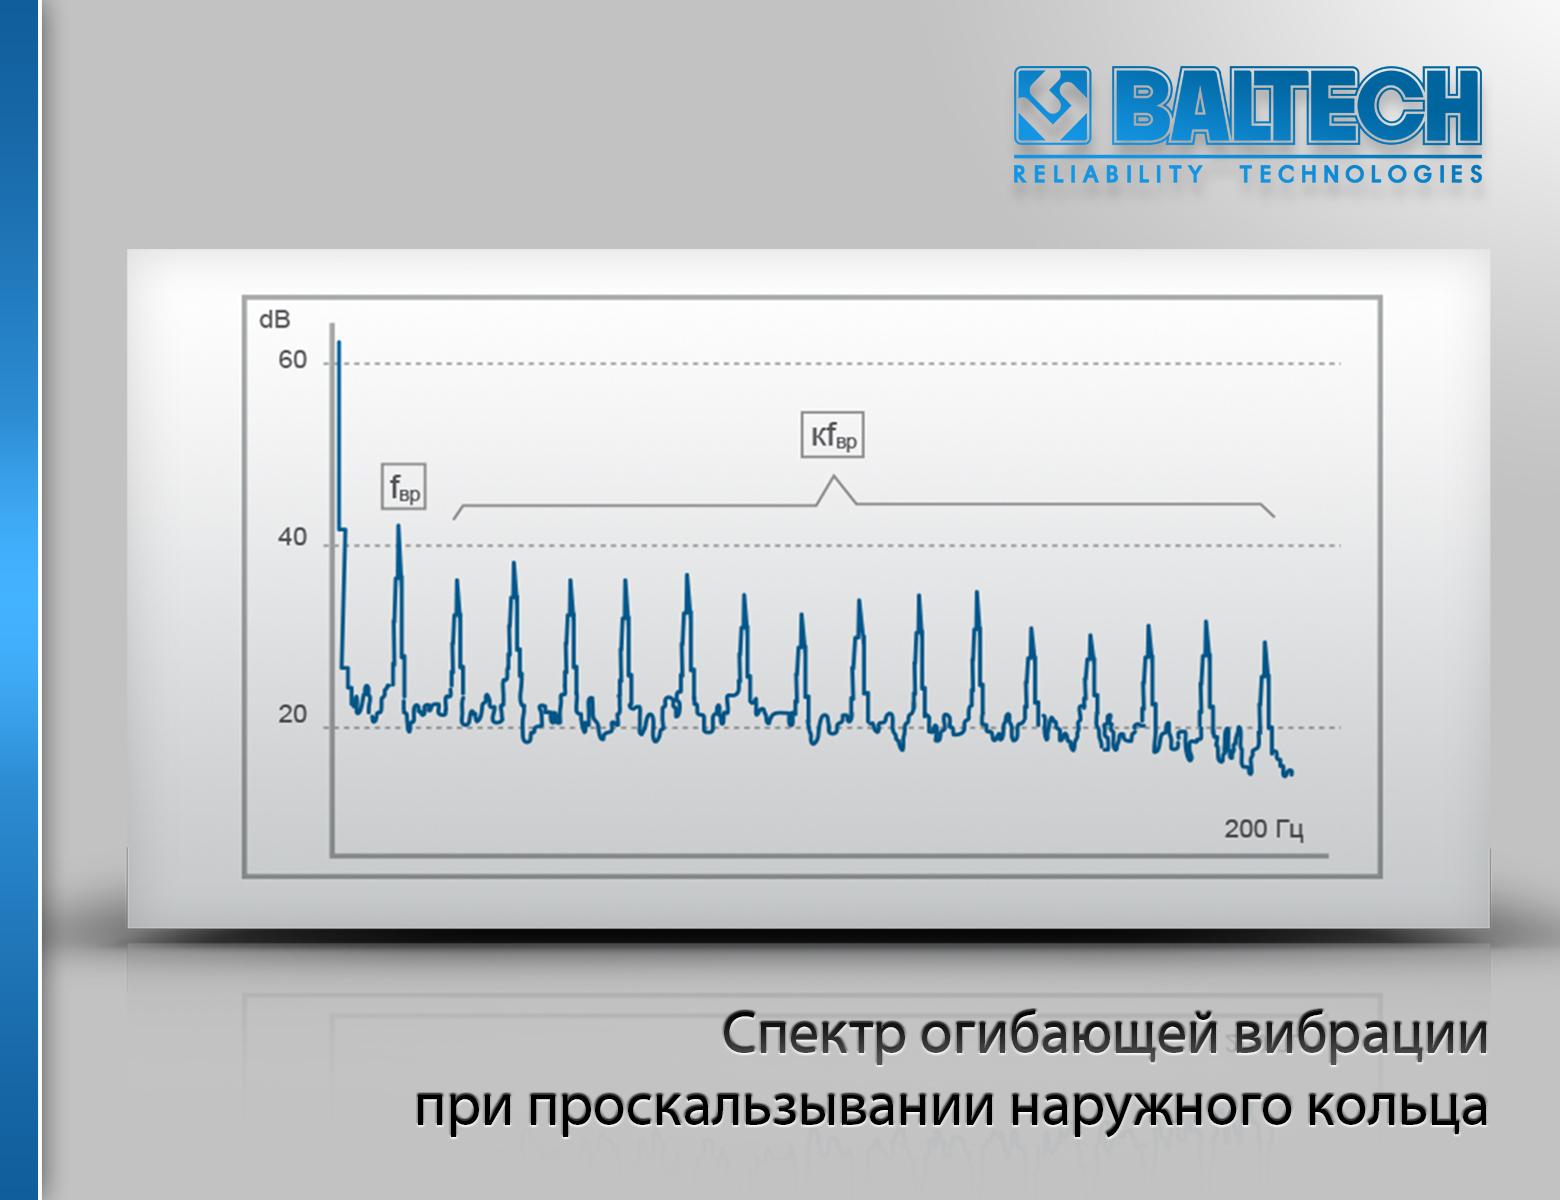 Спектр огибающей вибрации при проскальзывании наружного кольца, диагностика подшипников